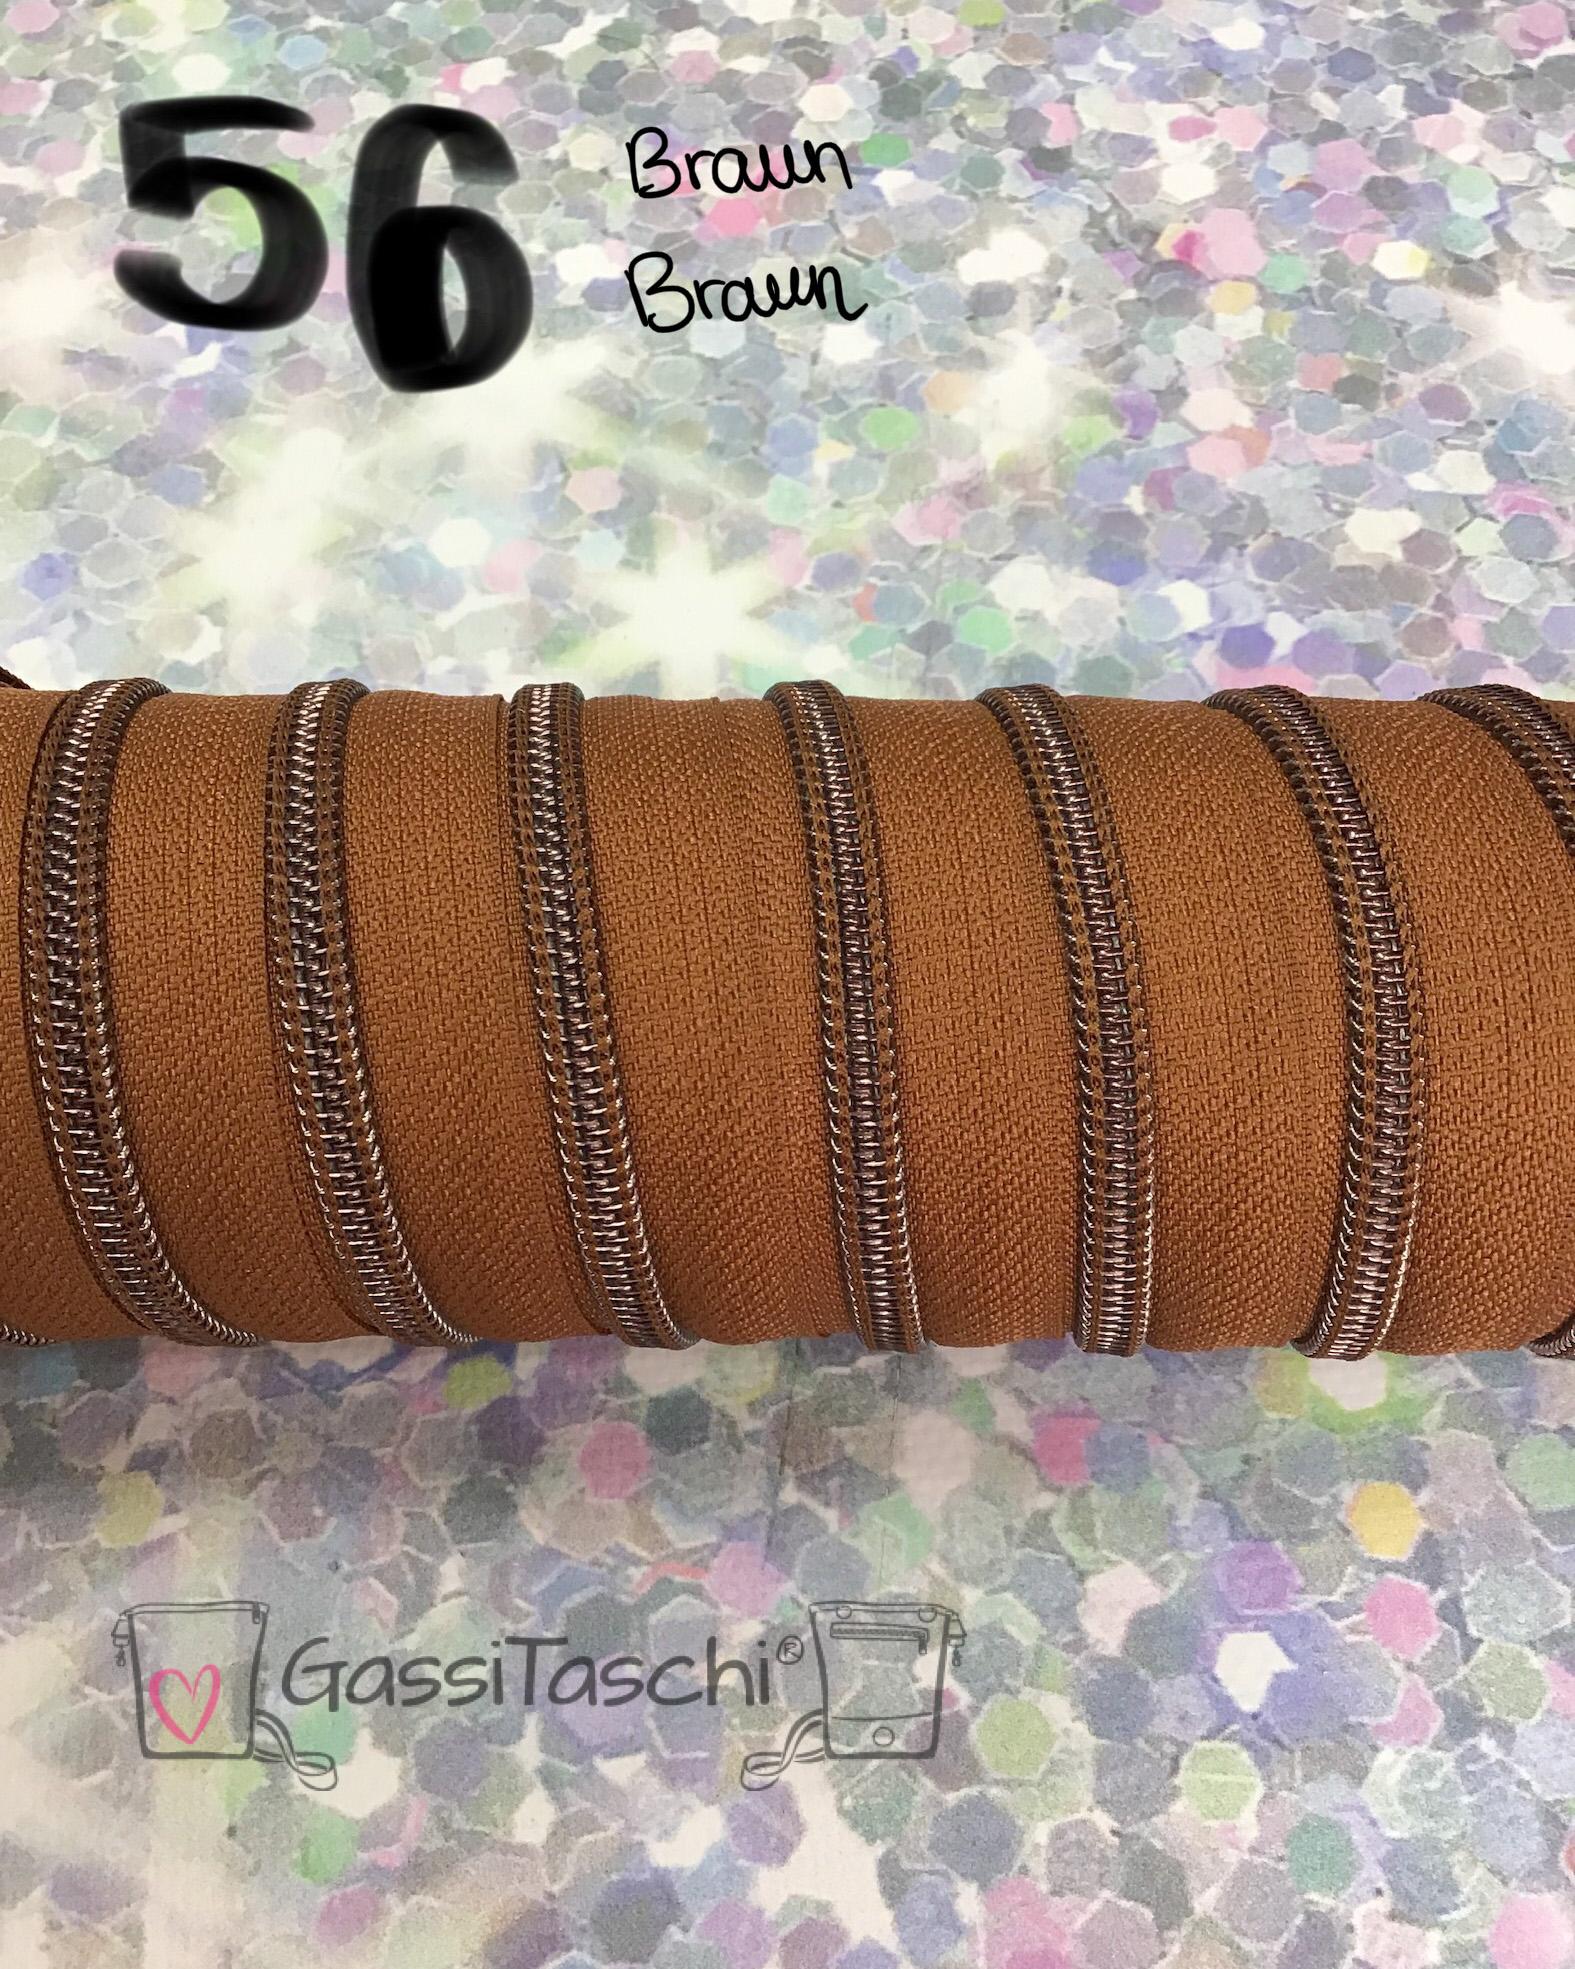 056-braun-braun